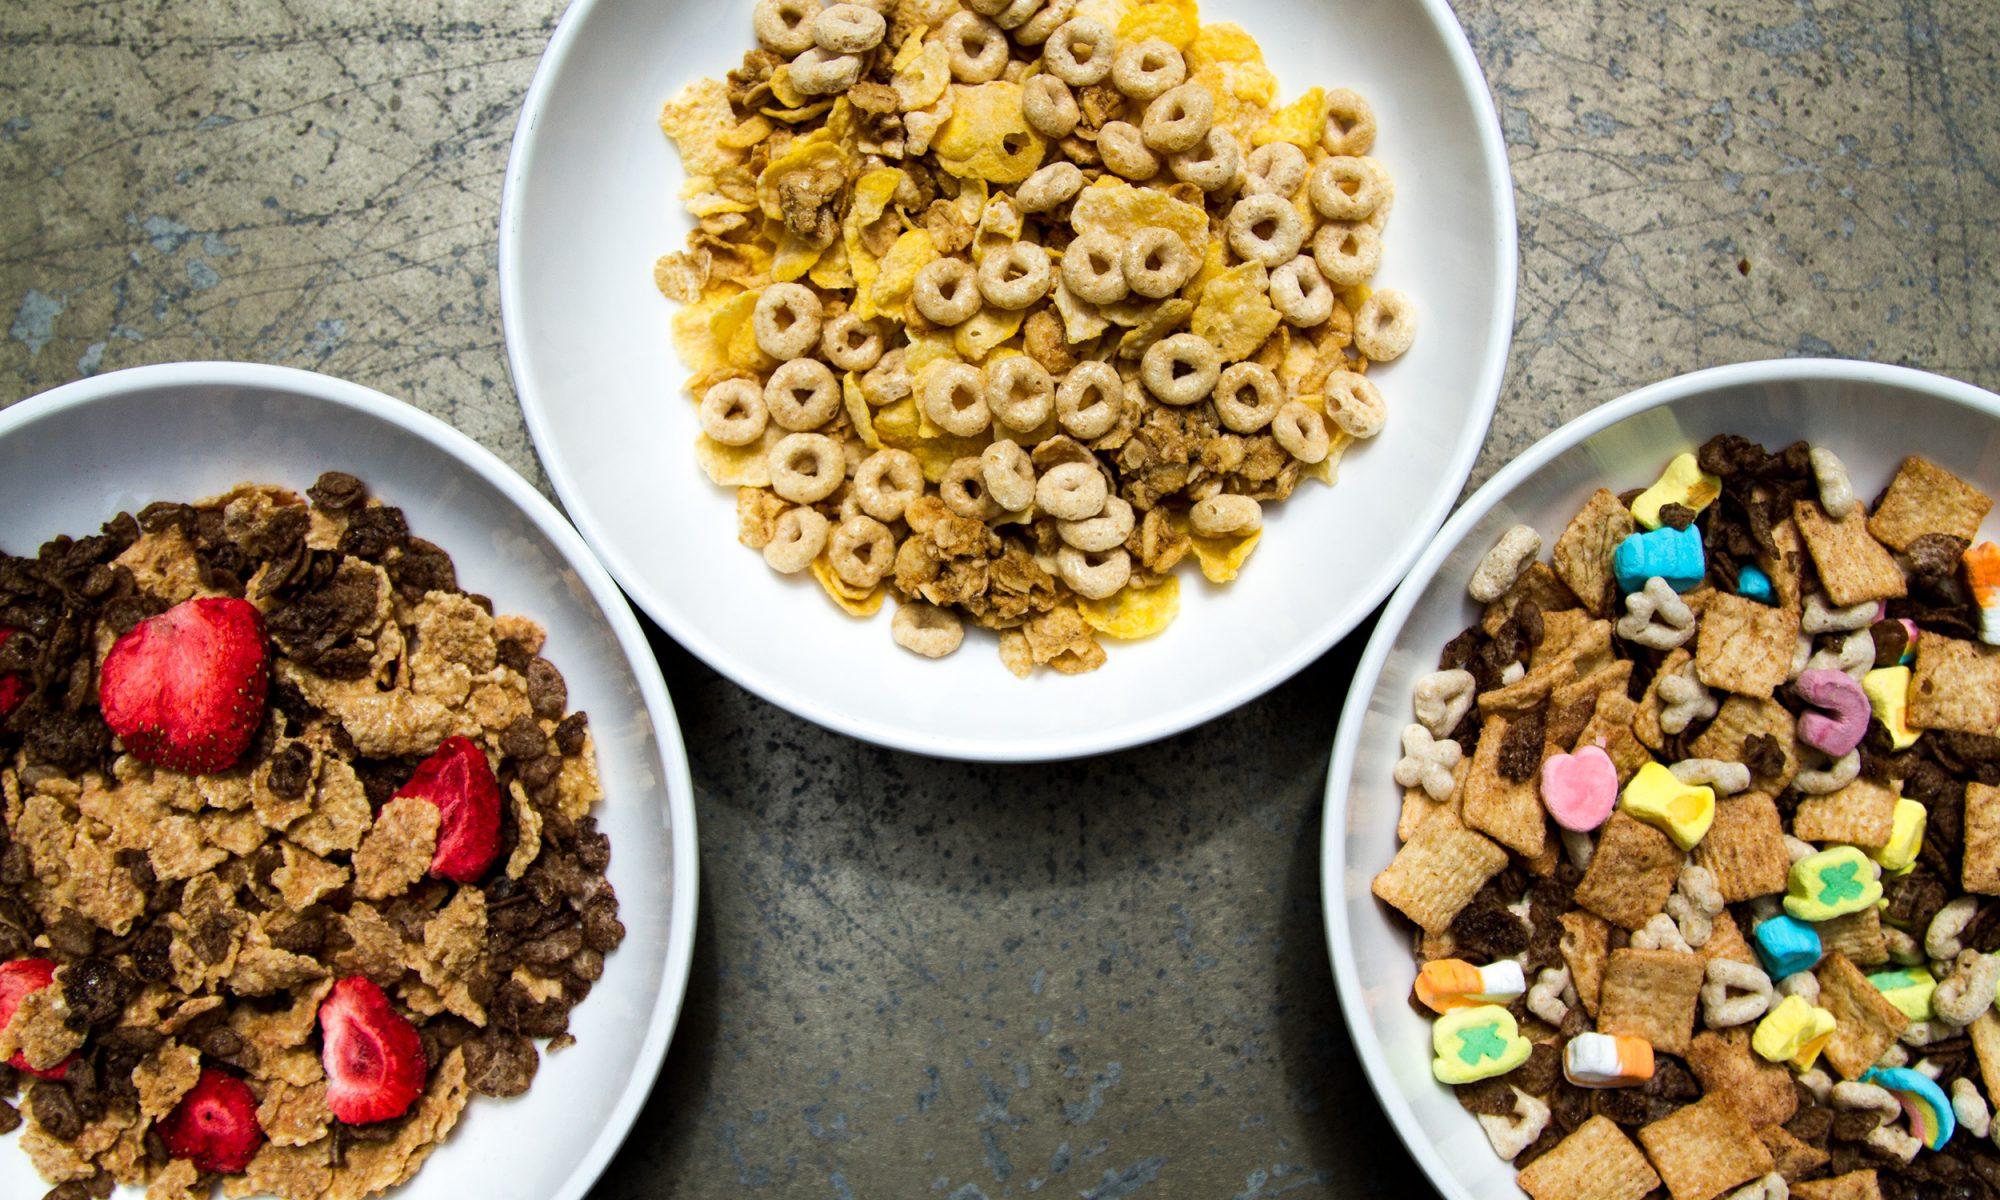 EC: The Delicate Art of Cereal Frankensteining